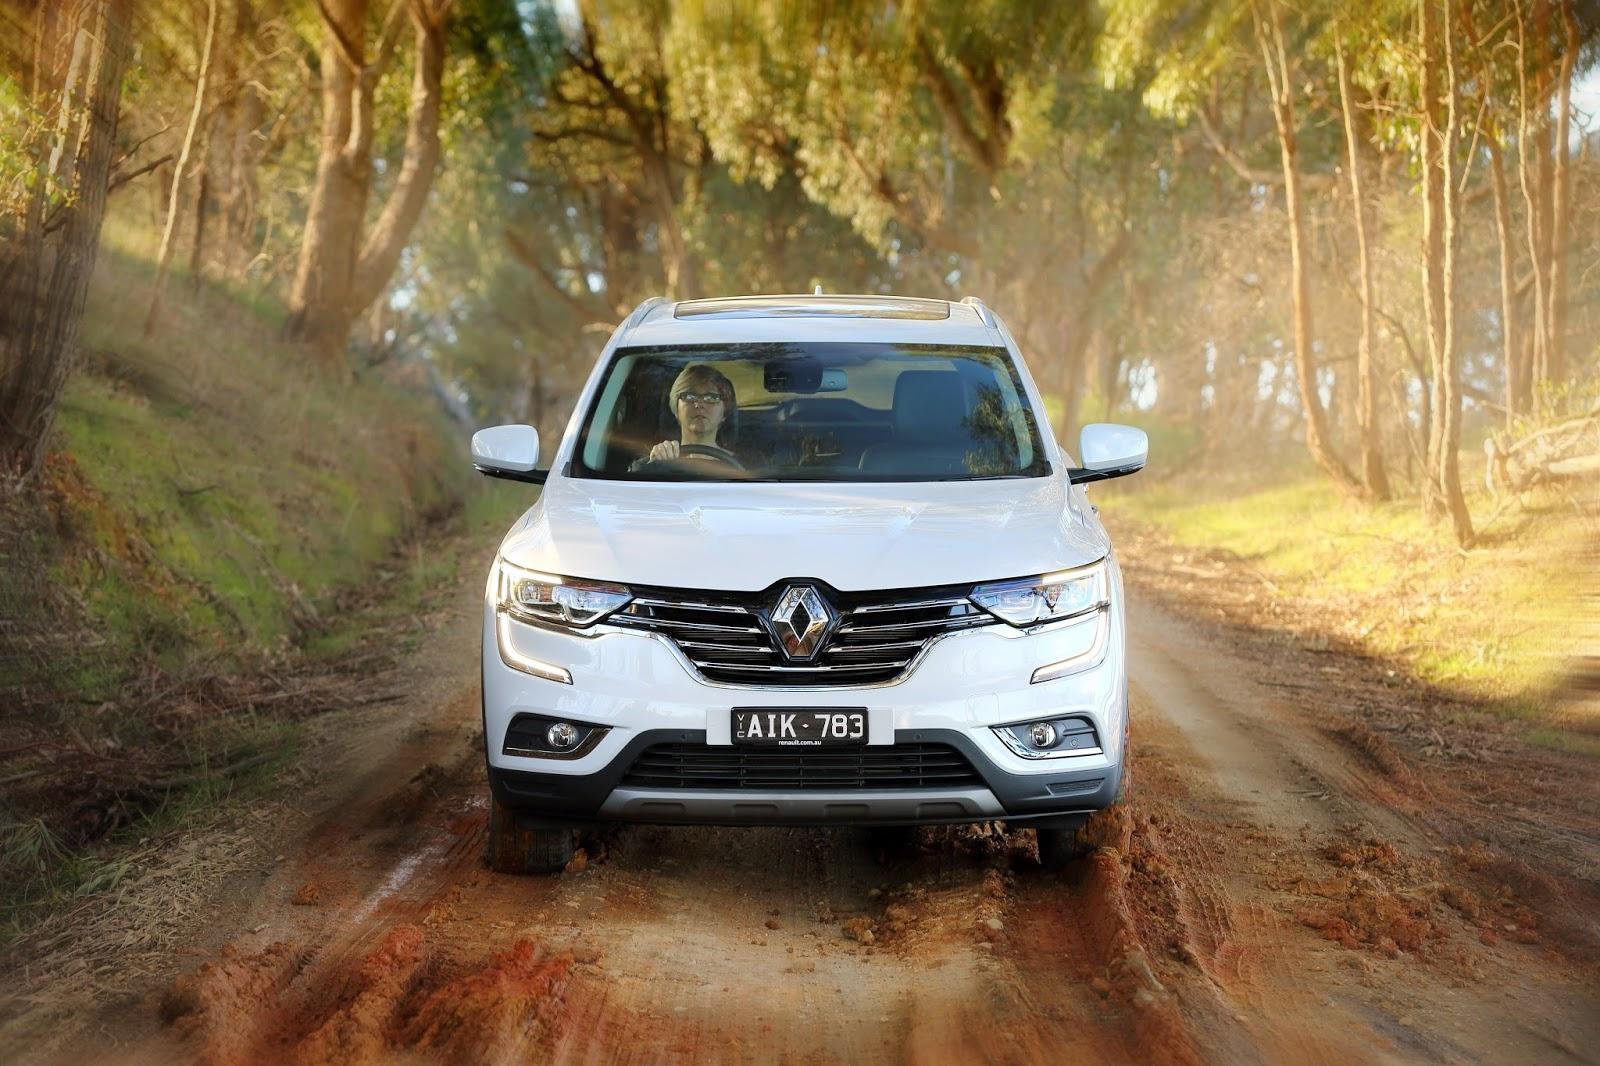 Renault Koleos có quá nhiều nét tương đồng với chiếc X Trail của Nissan